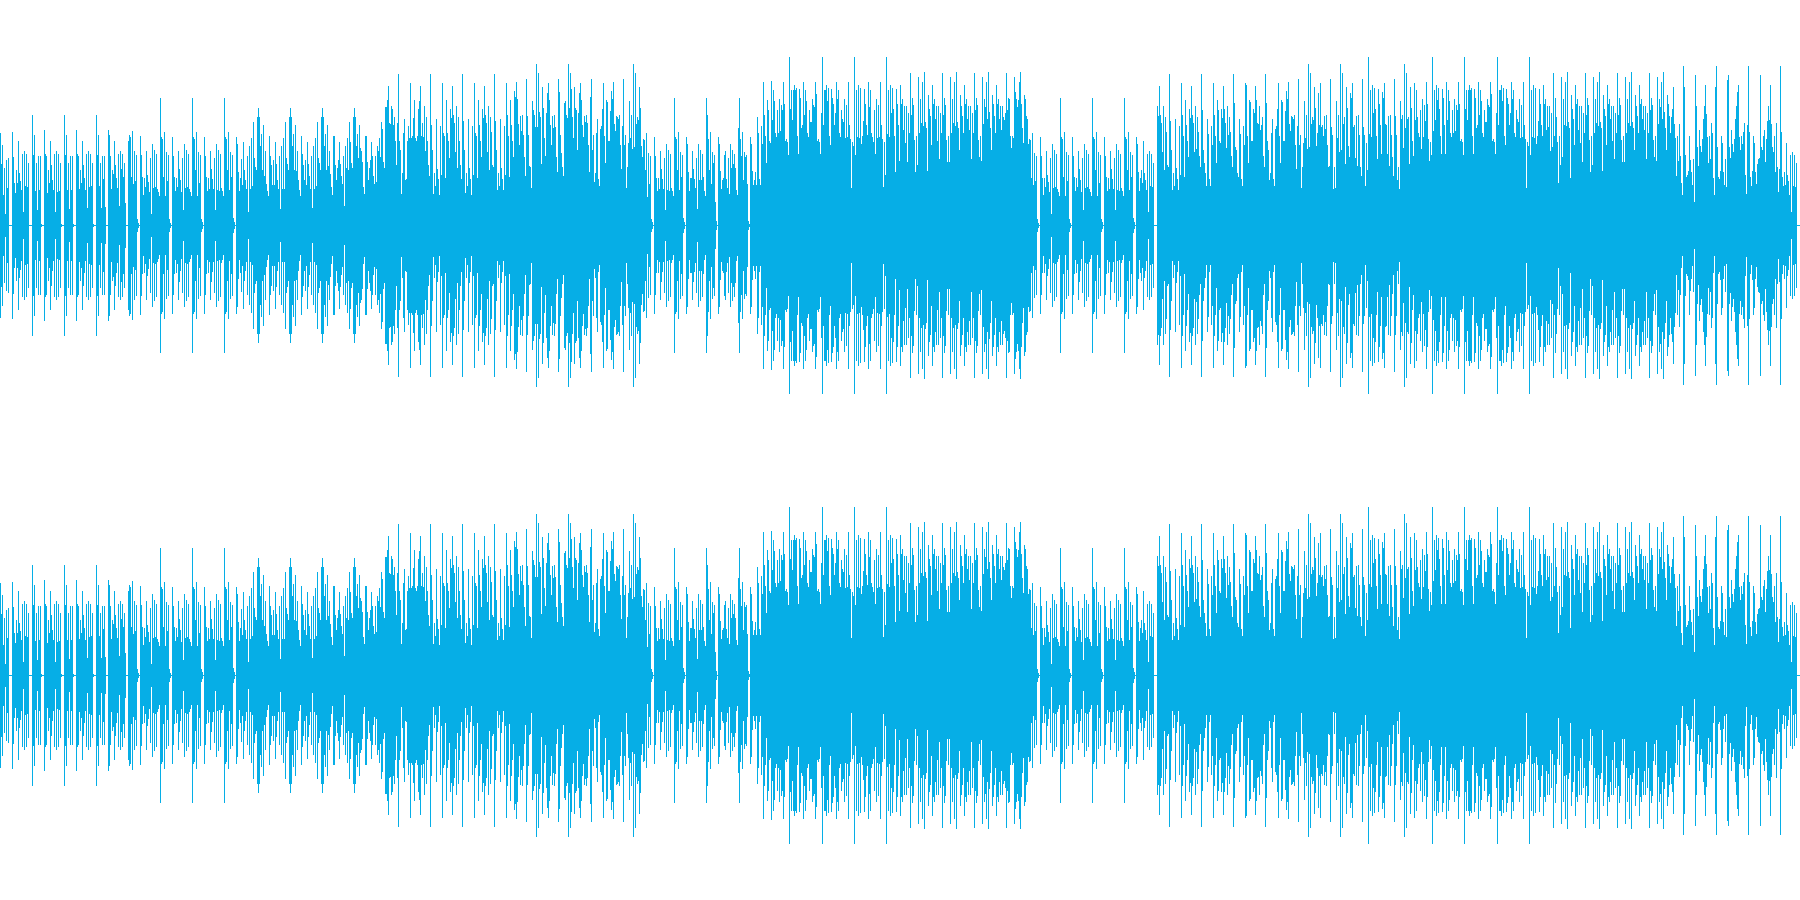 8ビットゲームサウンドBGM 01の再生済みの波形